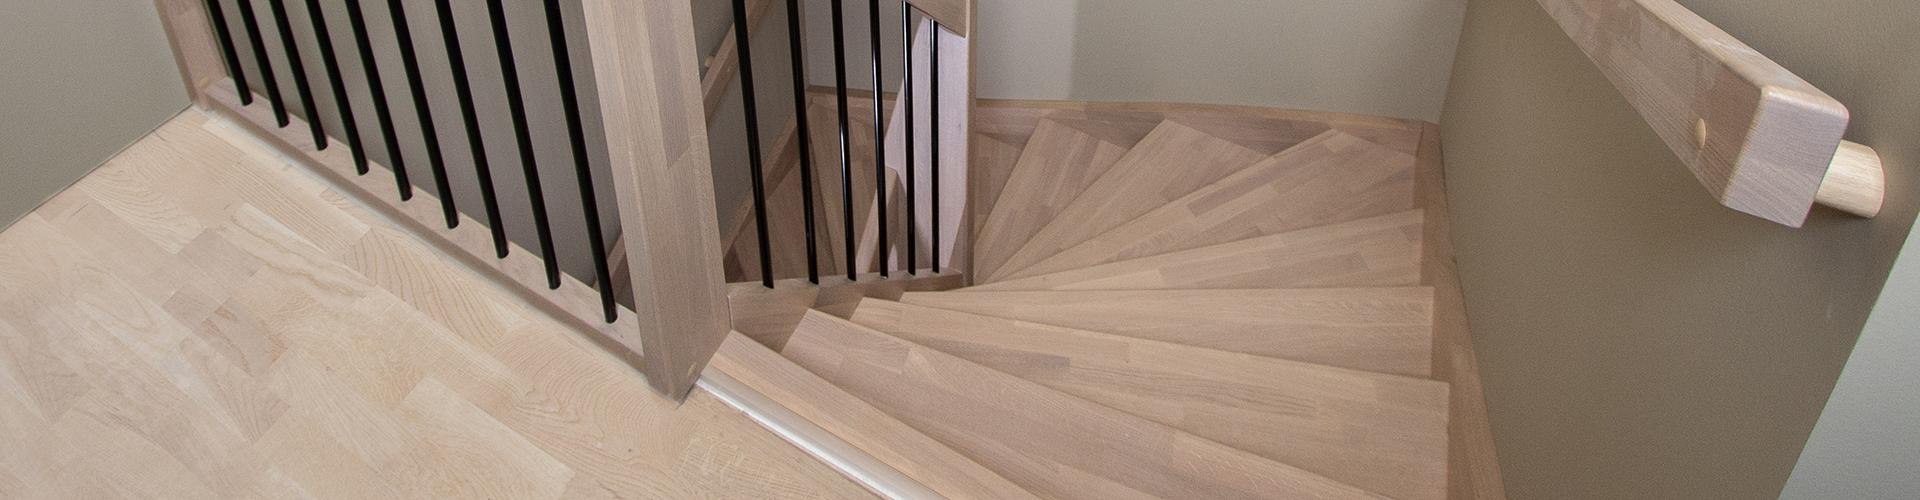 Bilde av trapp